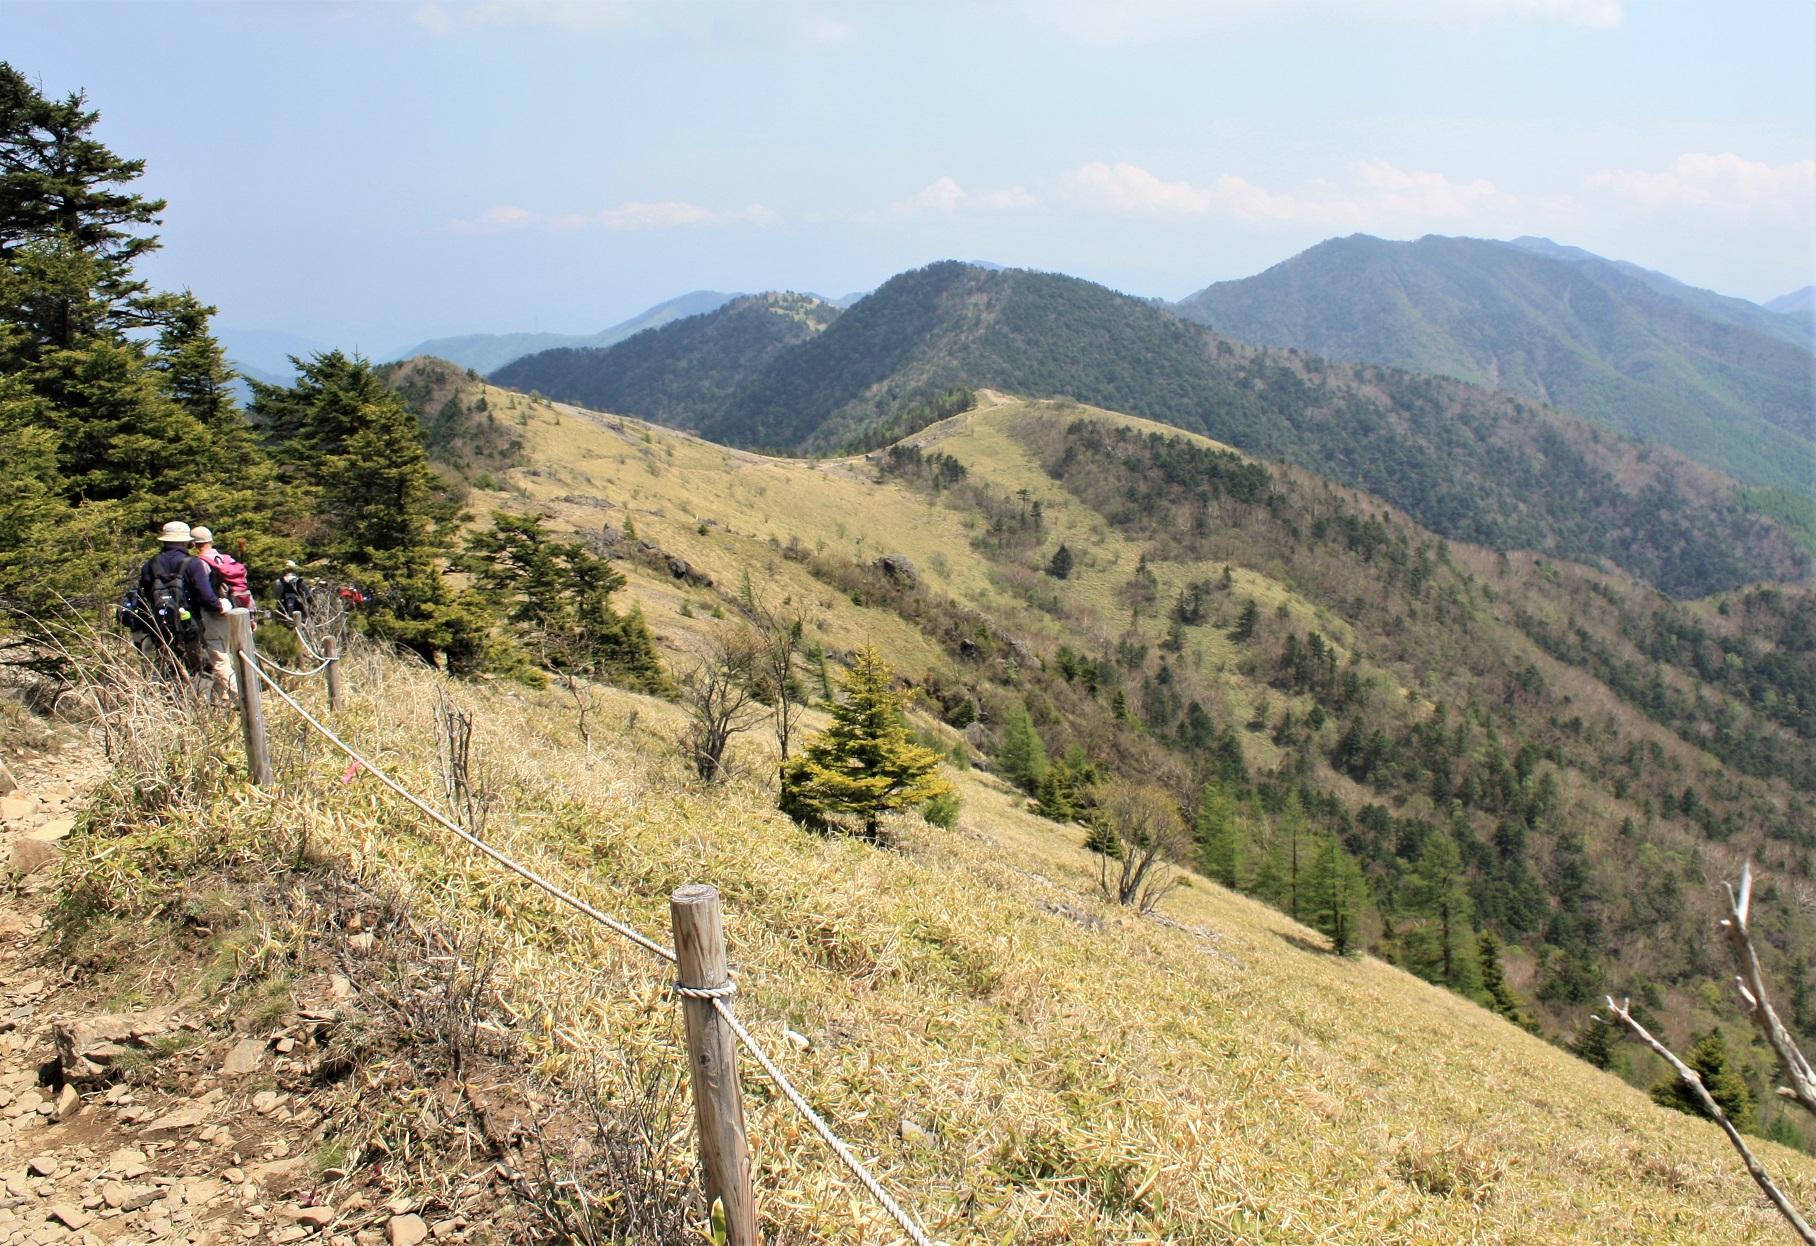 大菩薩嶺ハイキングと富士屋ホテル <br>夏の甲斐を楽しむ・フルーツ狩り 2日間